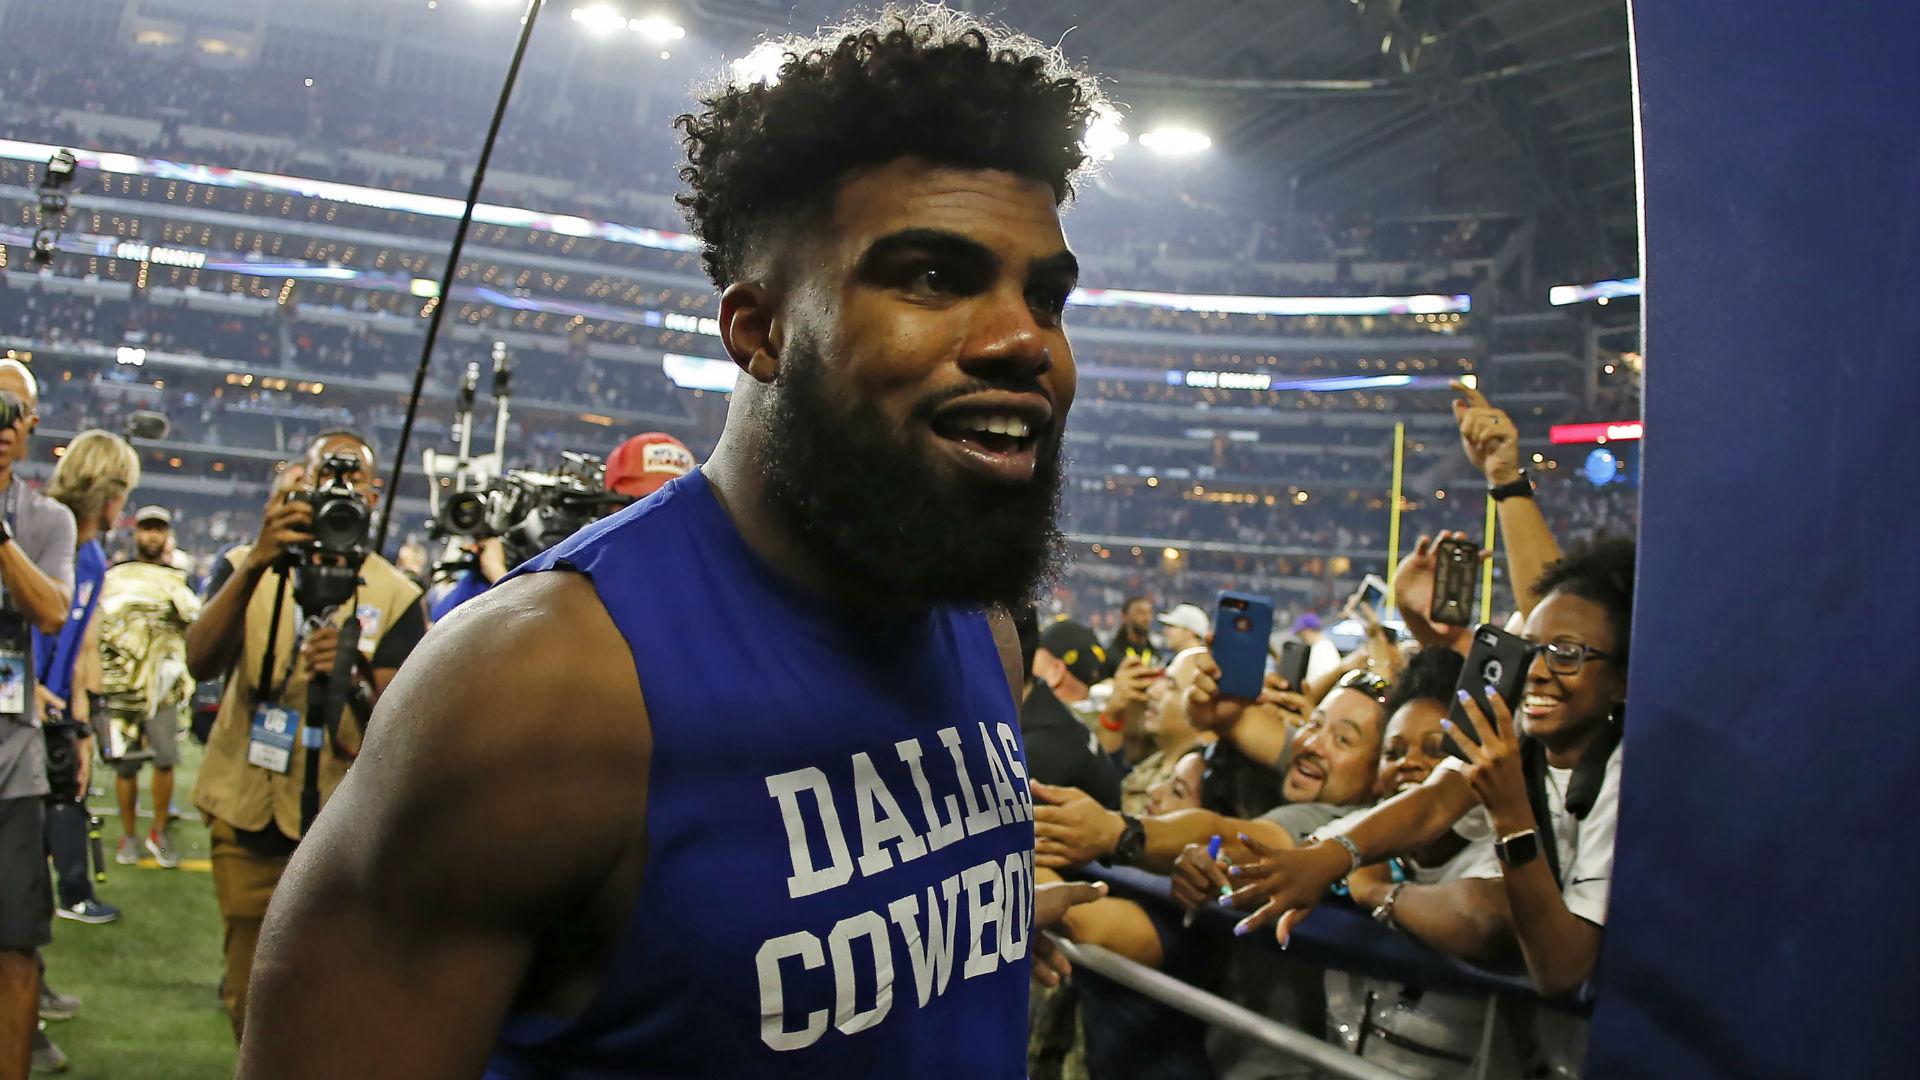 Cowboys' Ezekiel Elliott escapes charges in Las Vegas incident, report says